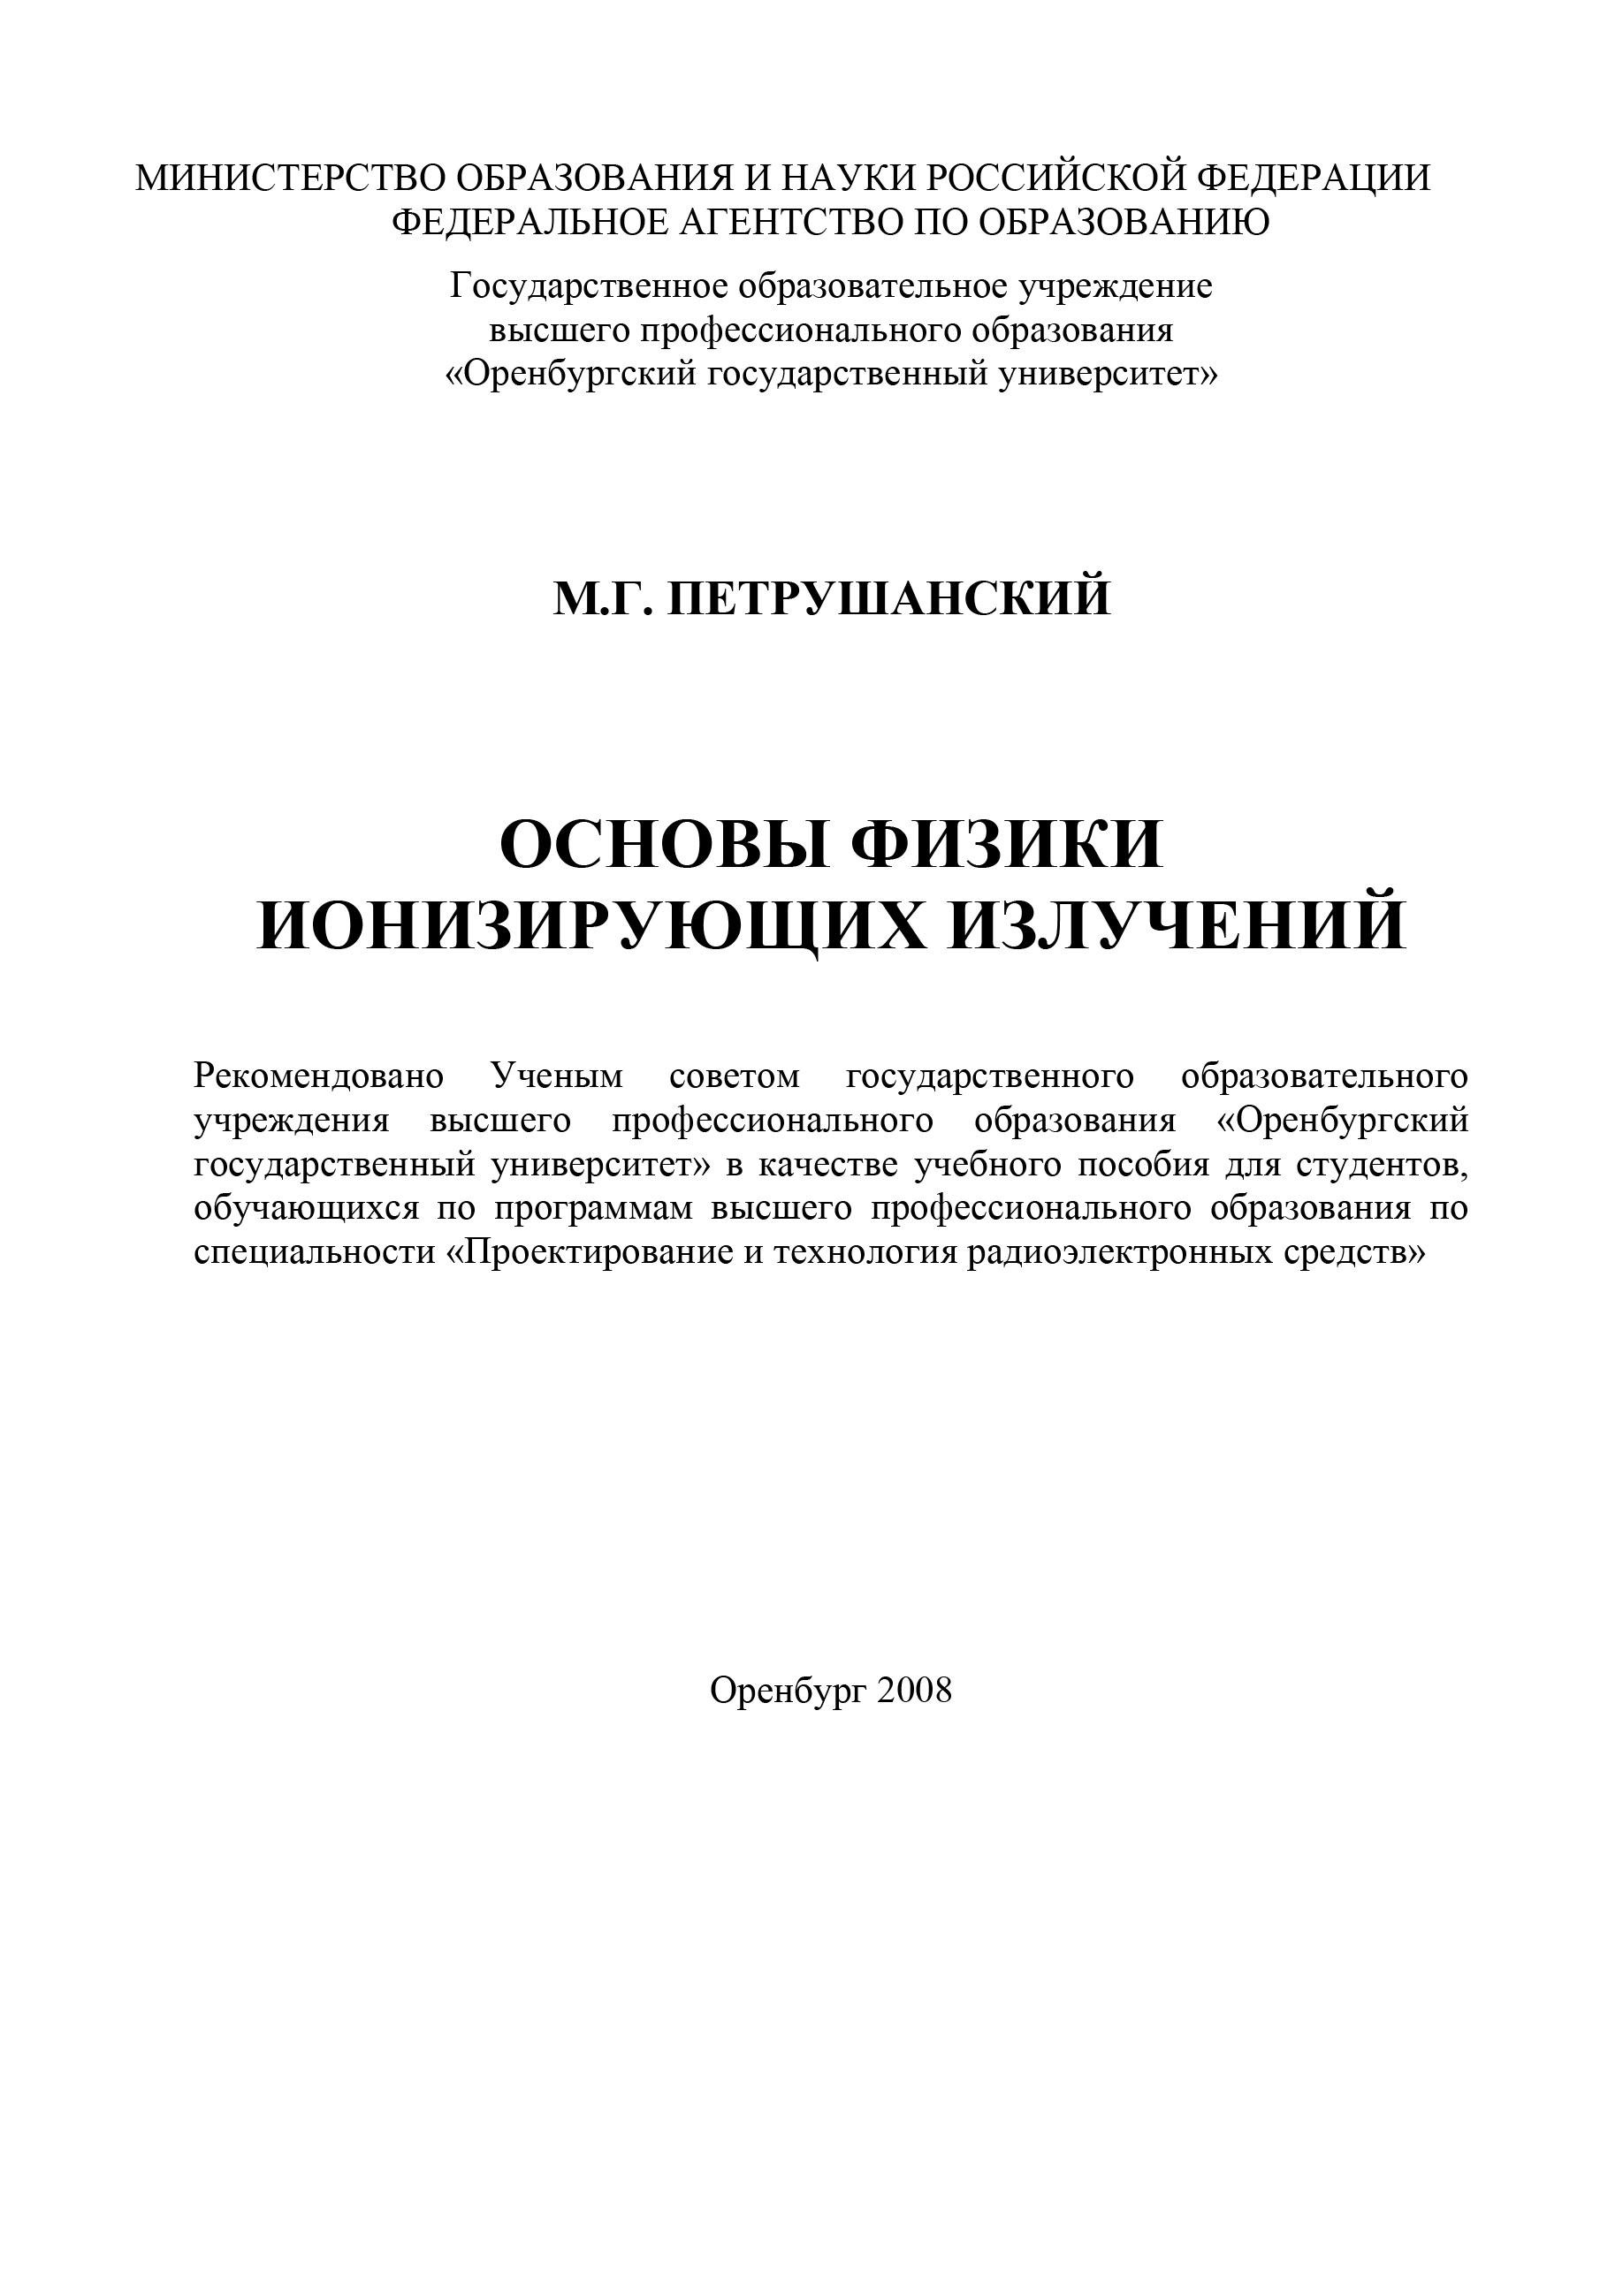 М. Петрушанский Основы физики ионизирующих излучений м петрушанский основы физики ионизирующих излучений